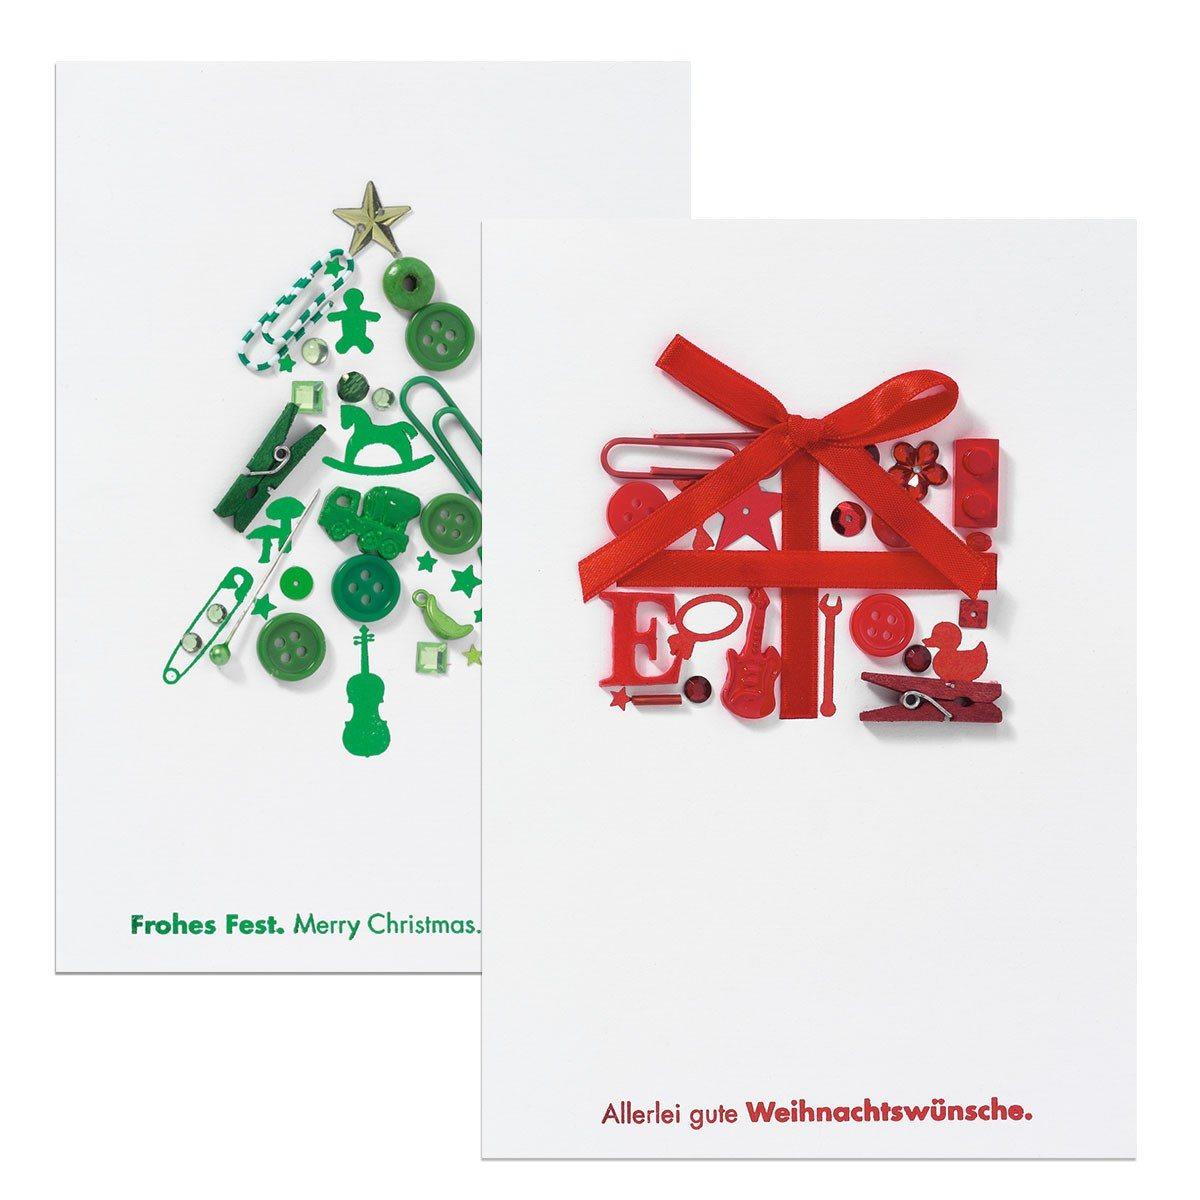 Weihnachtsallerlei - Grußkarte